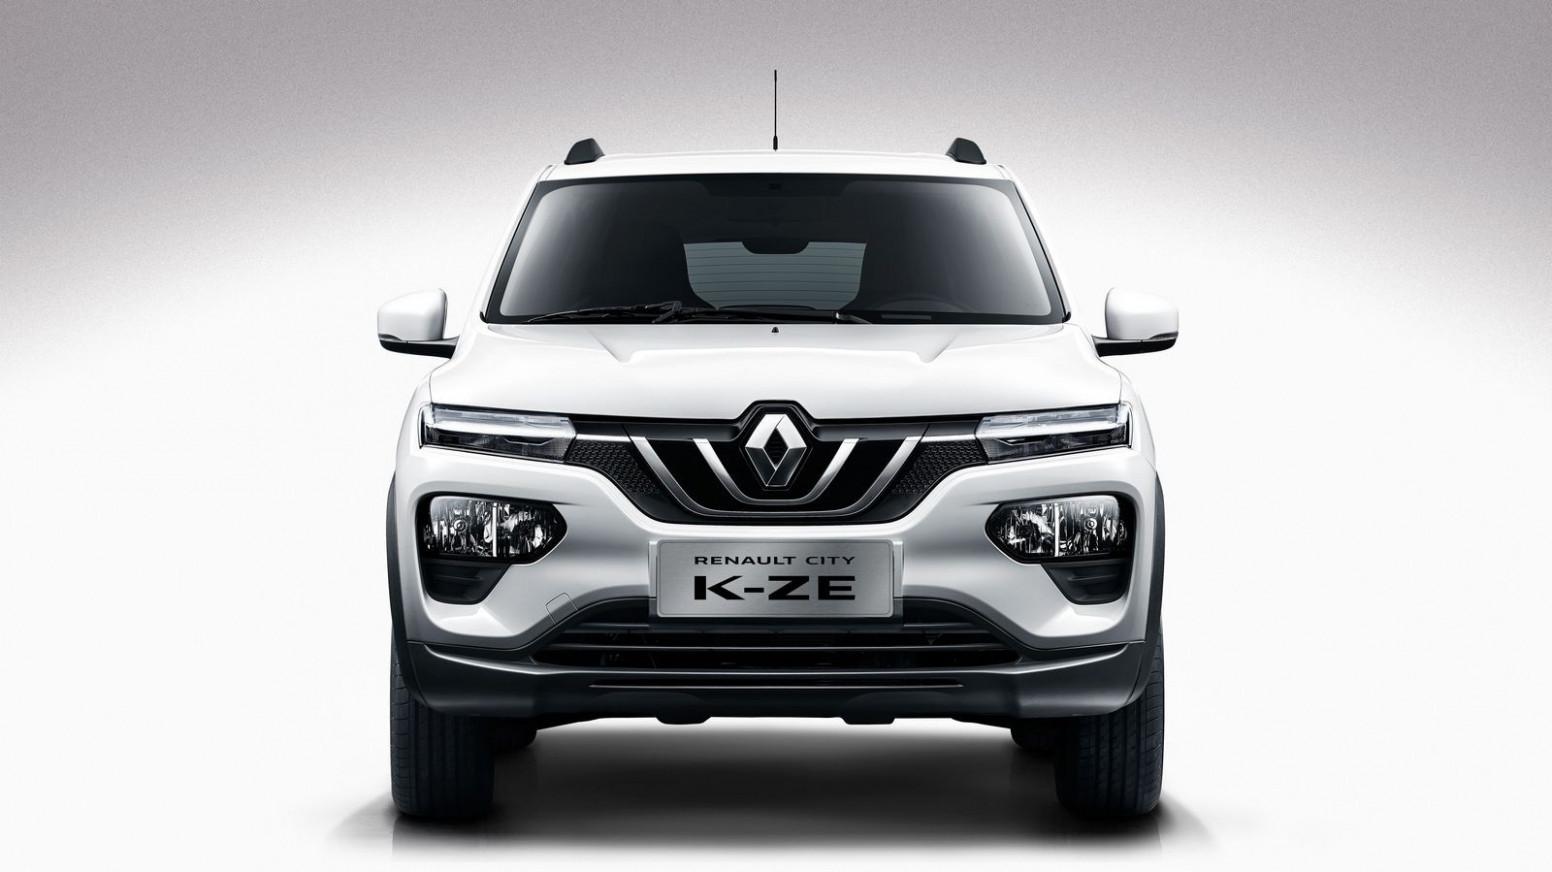 Rumors 2022 Renault Kwid